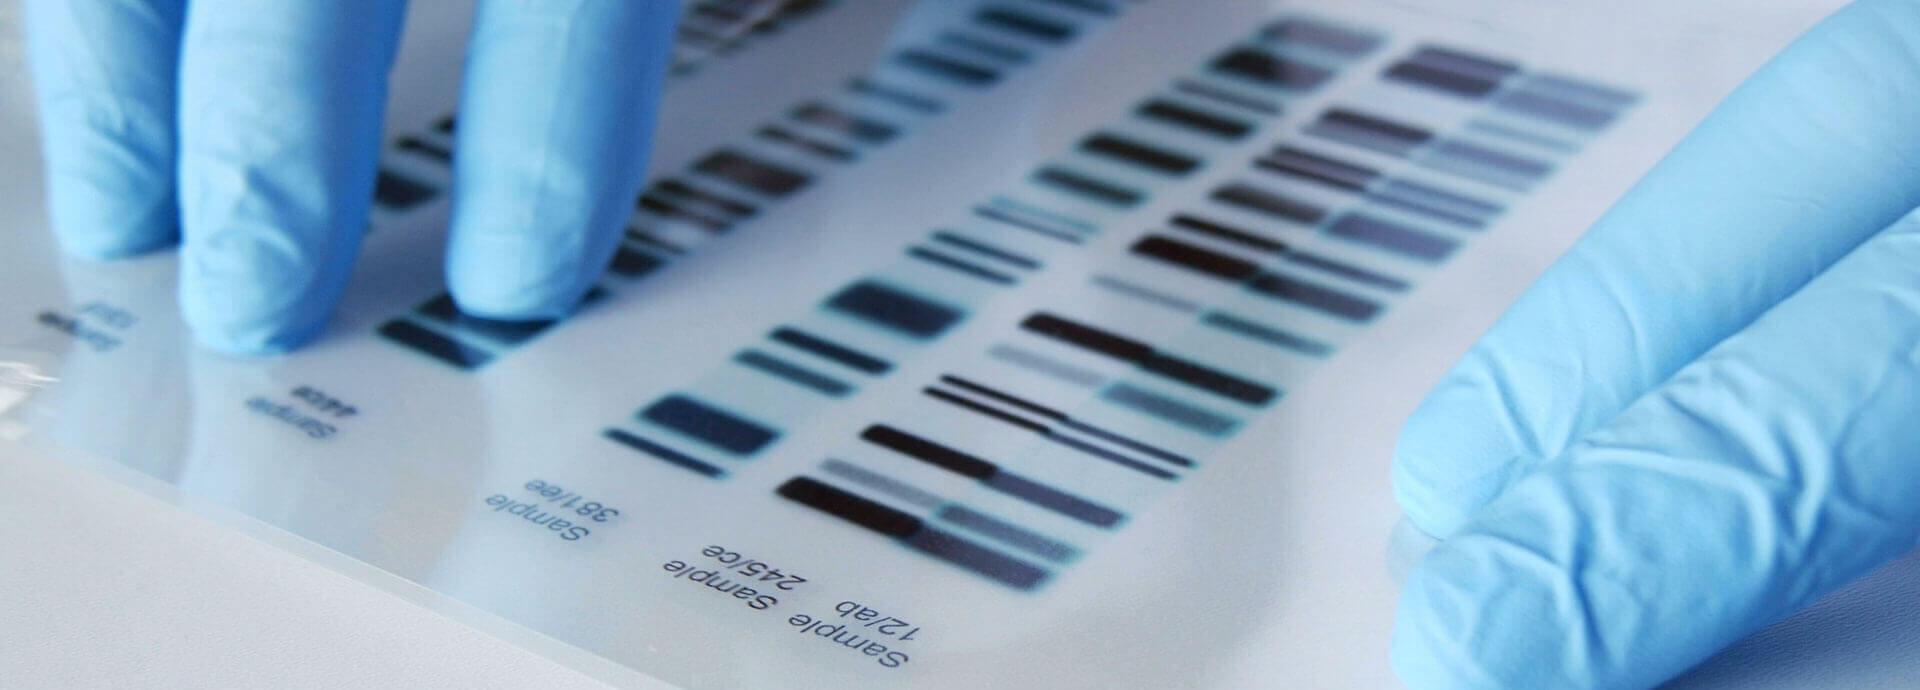 DNA Testing Buffalo NY